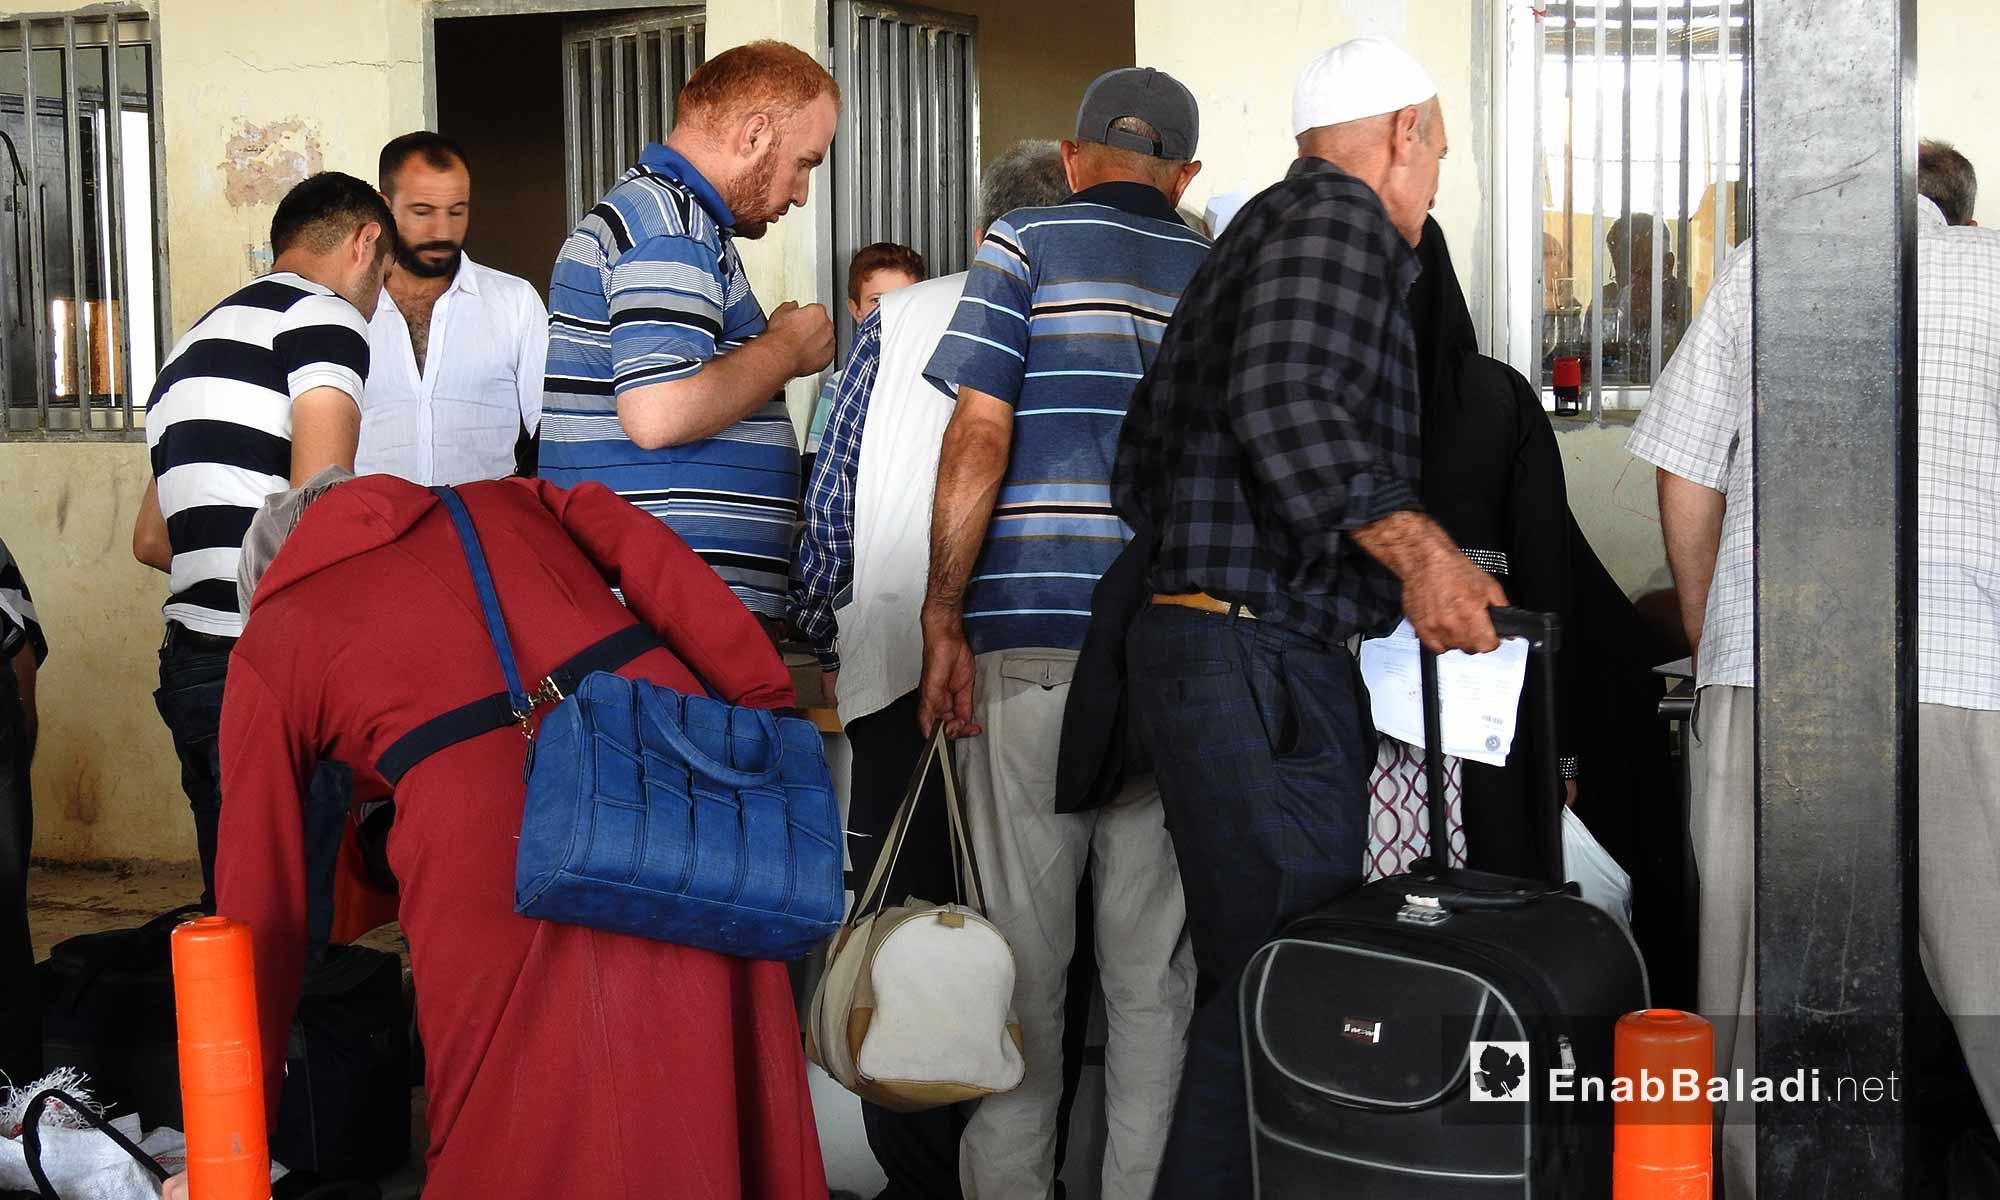 دخول السوريون من معبر باب السلامة لقضاء إجازة عيد الأضحى - 22 آب 2017 (عنب بلدي)